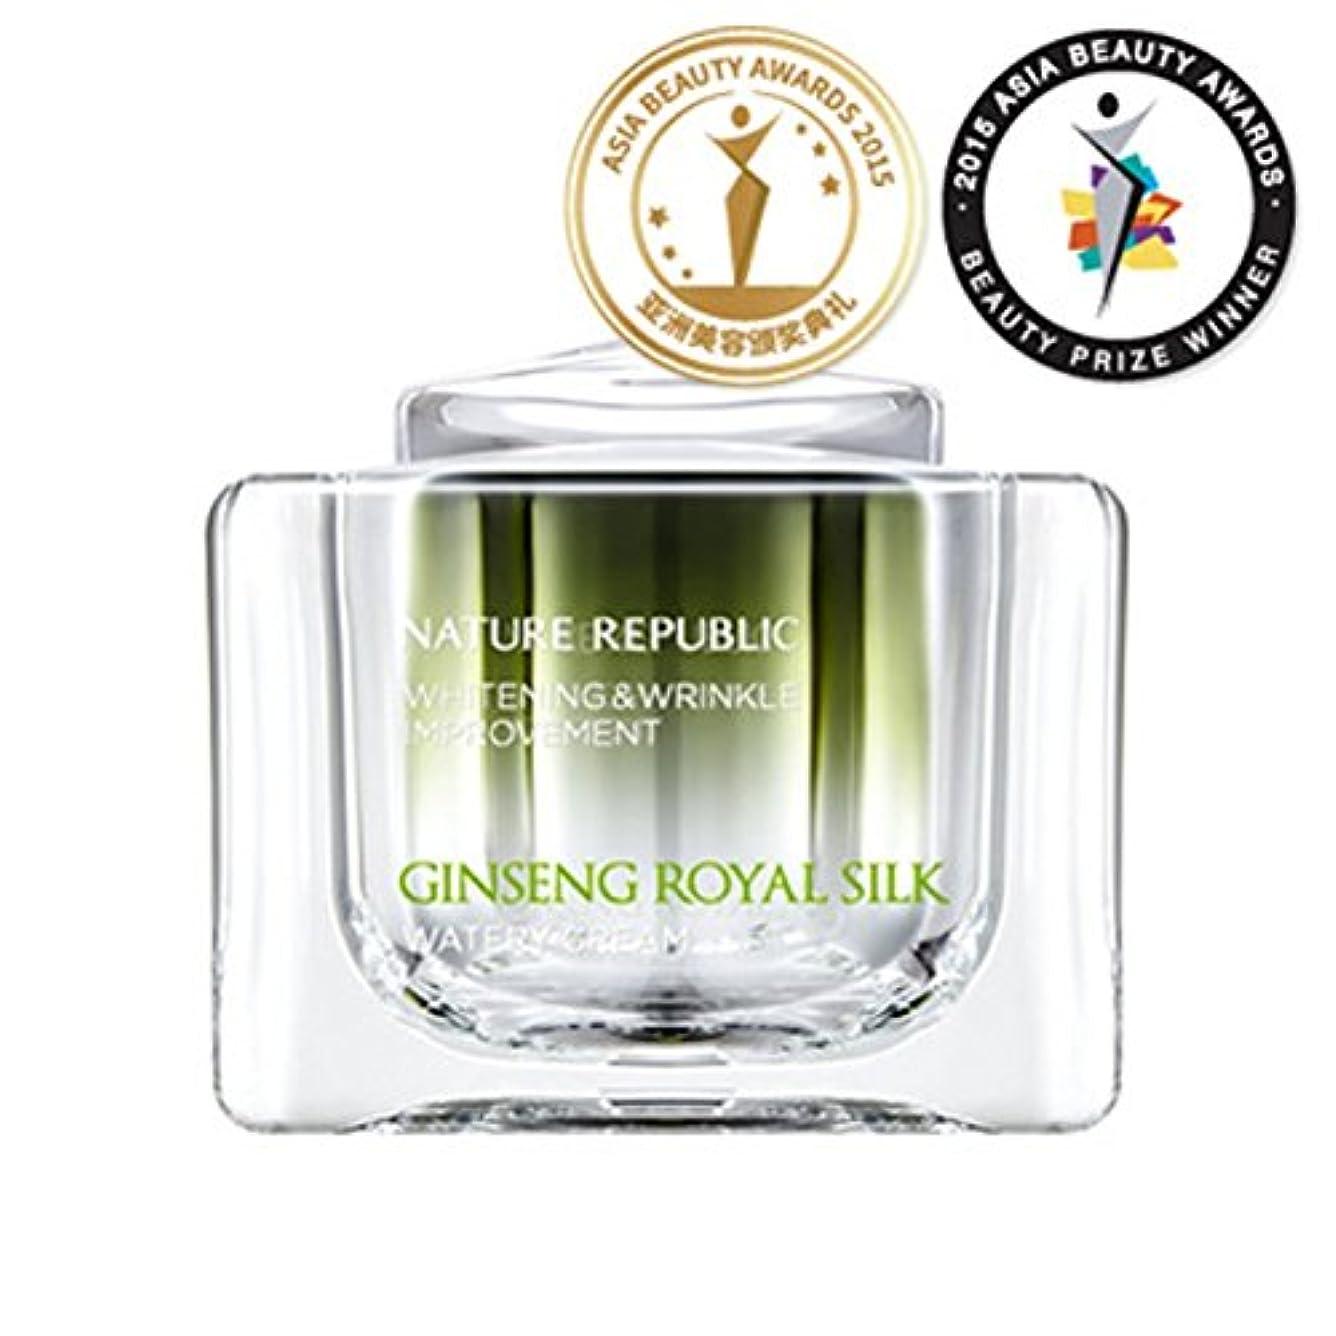 同情バランスのとれた順応性のあるネイチャーリパブリック [韓国コスメ NATURE REPUBLIC] ジンセン ロイヤル シルク ウォータリー クリーム [海外直送品]Nature Republic, Ginseng Royal silk Watery...